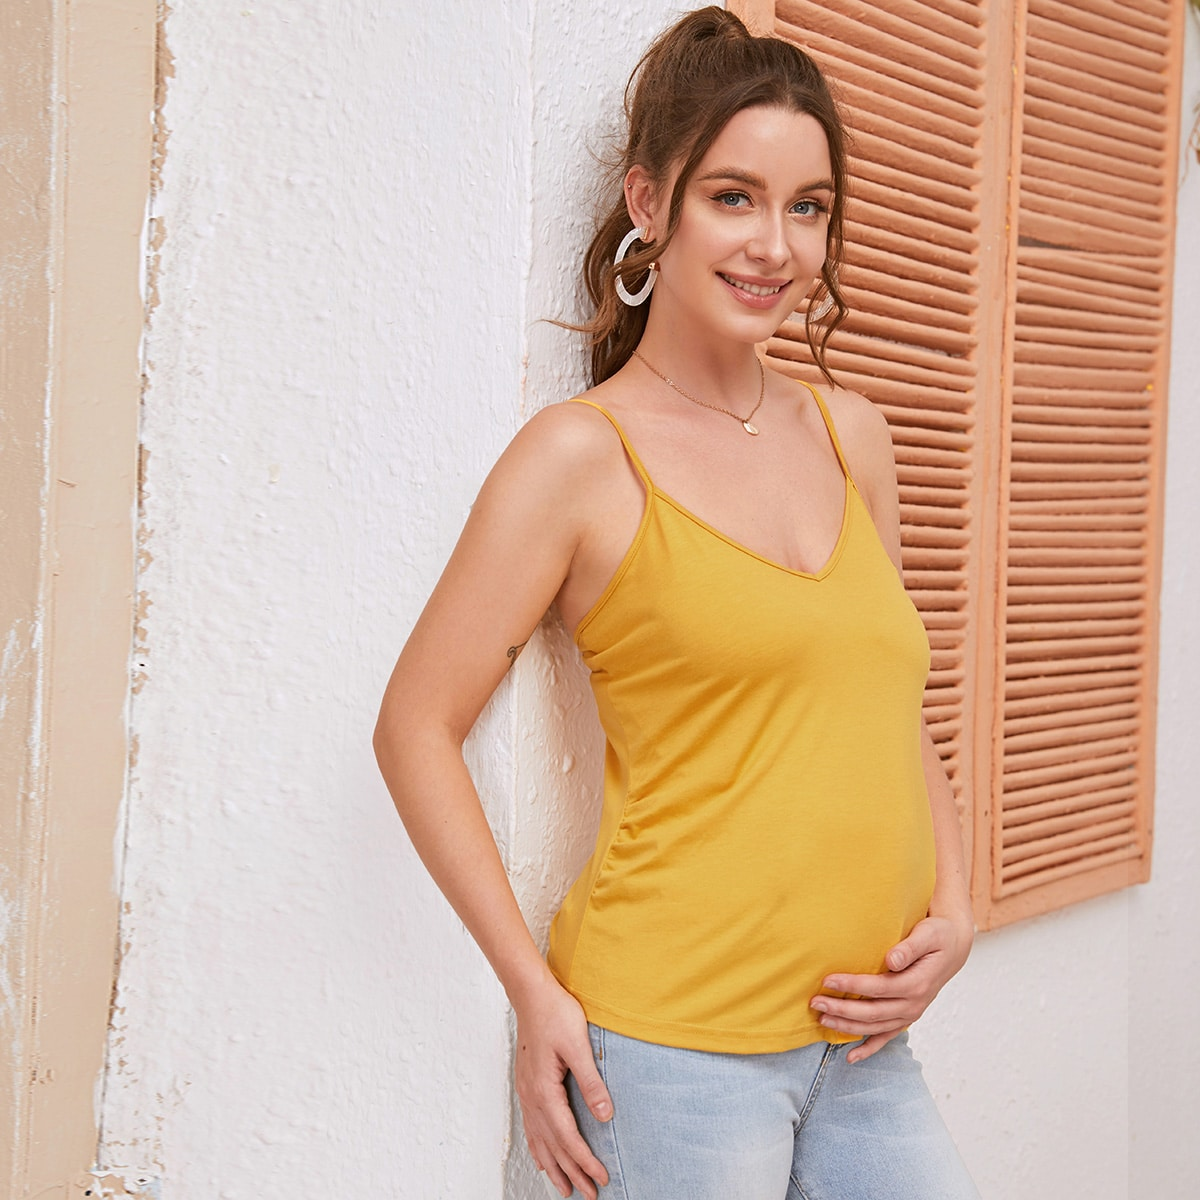 Однотонный топ для беременных фото